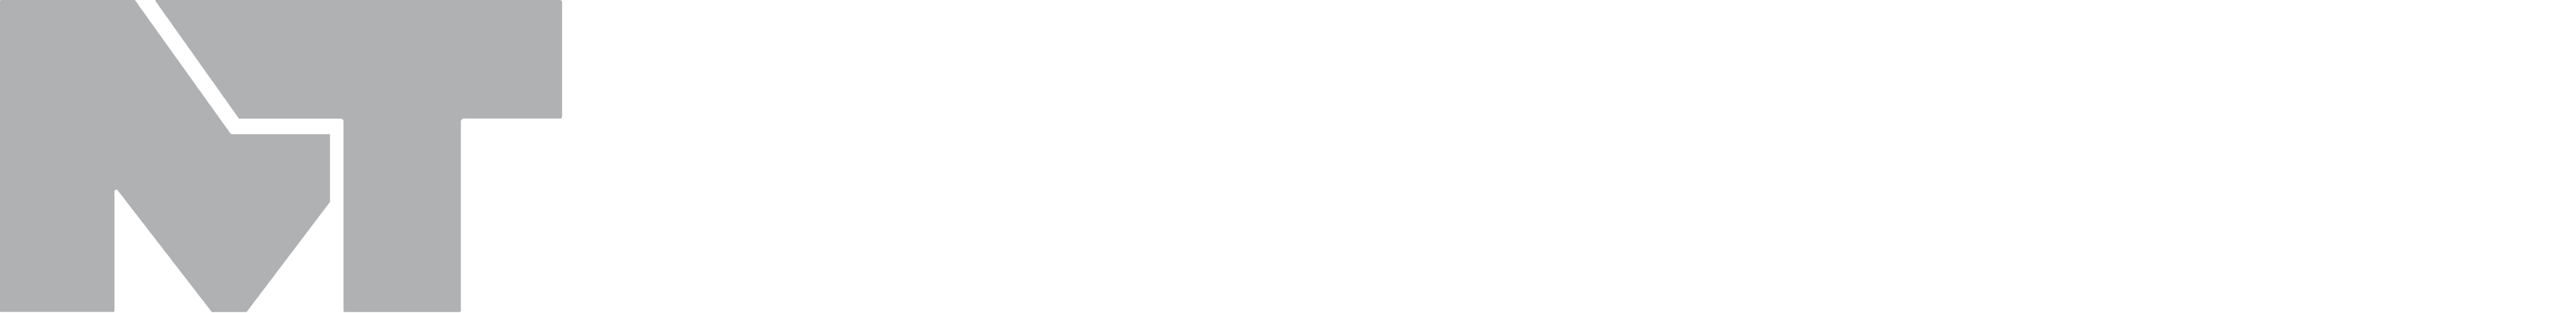 Miller Tabak + Co., LLC